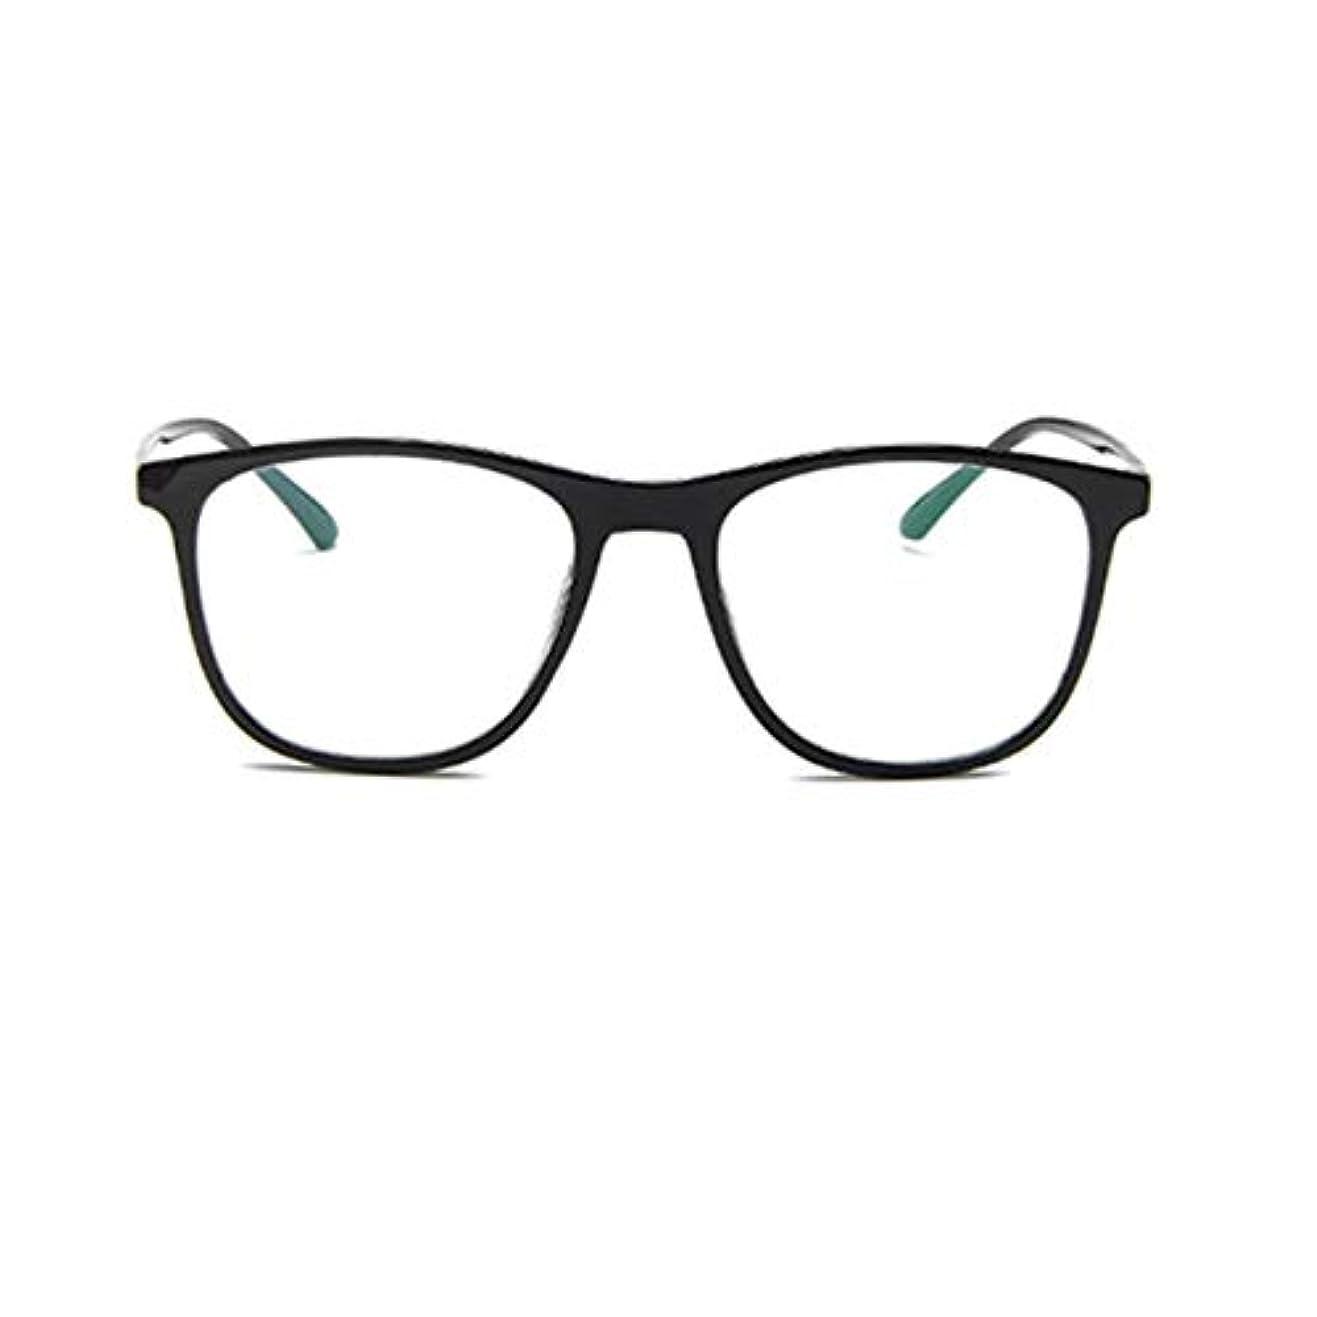 バーター余韻愛する韓国の学生のプレーンメガネの男性と女性のファッションメガネフレーム近視メガネフレームファッショナブルなシンプルなメガネ-ブライトブラック